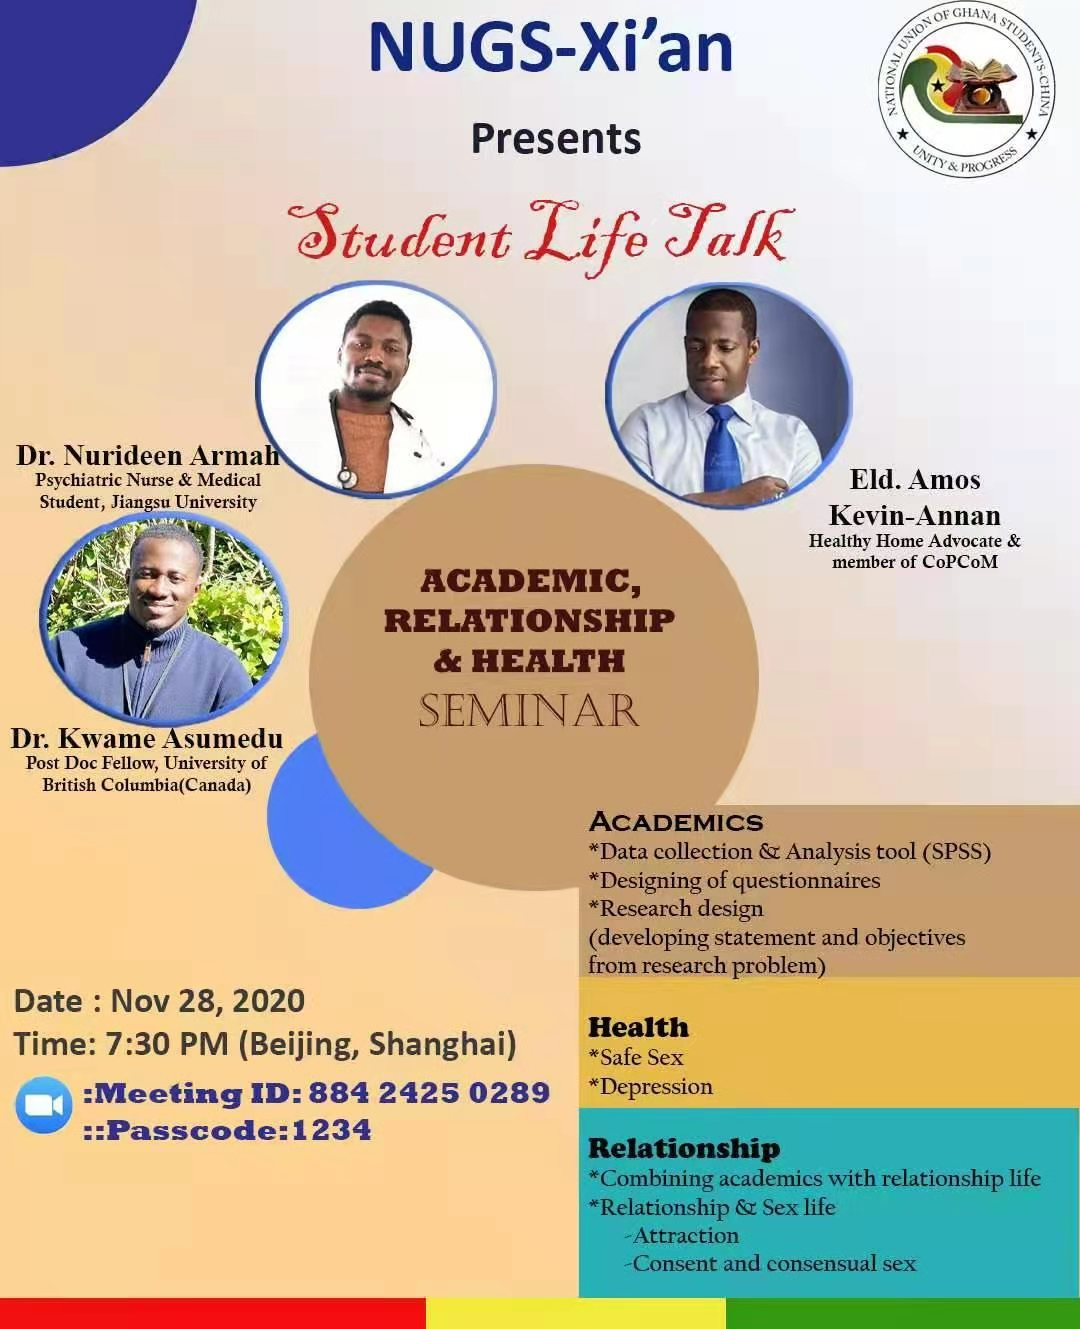 NUGS-Xi'an: Academic, Relationship & Health Seminar